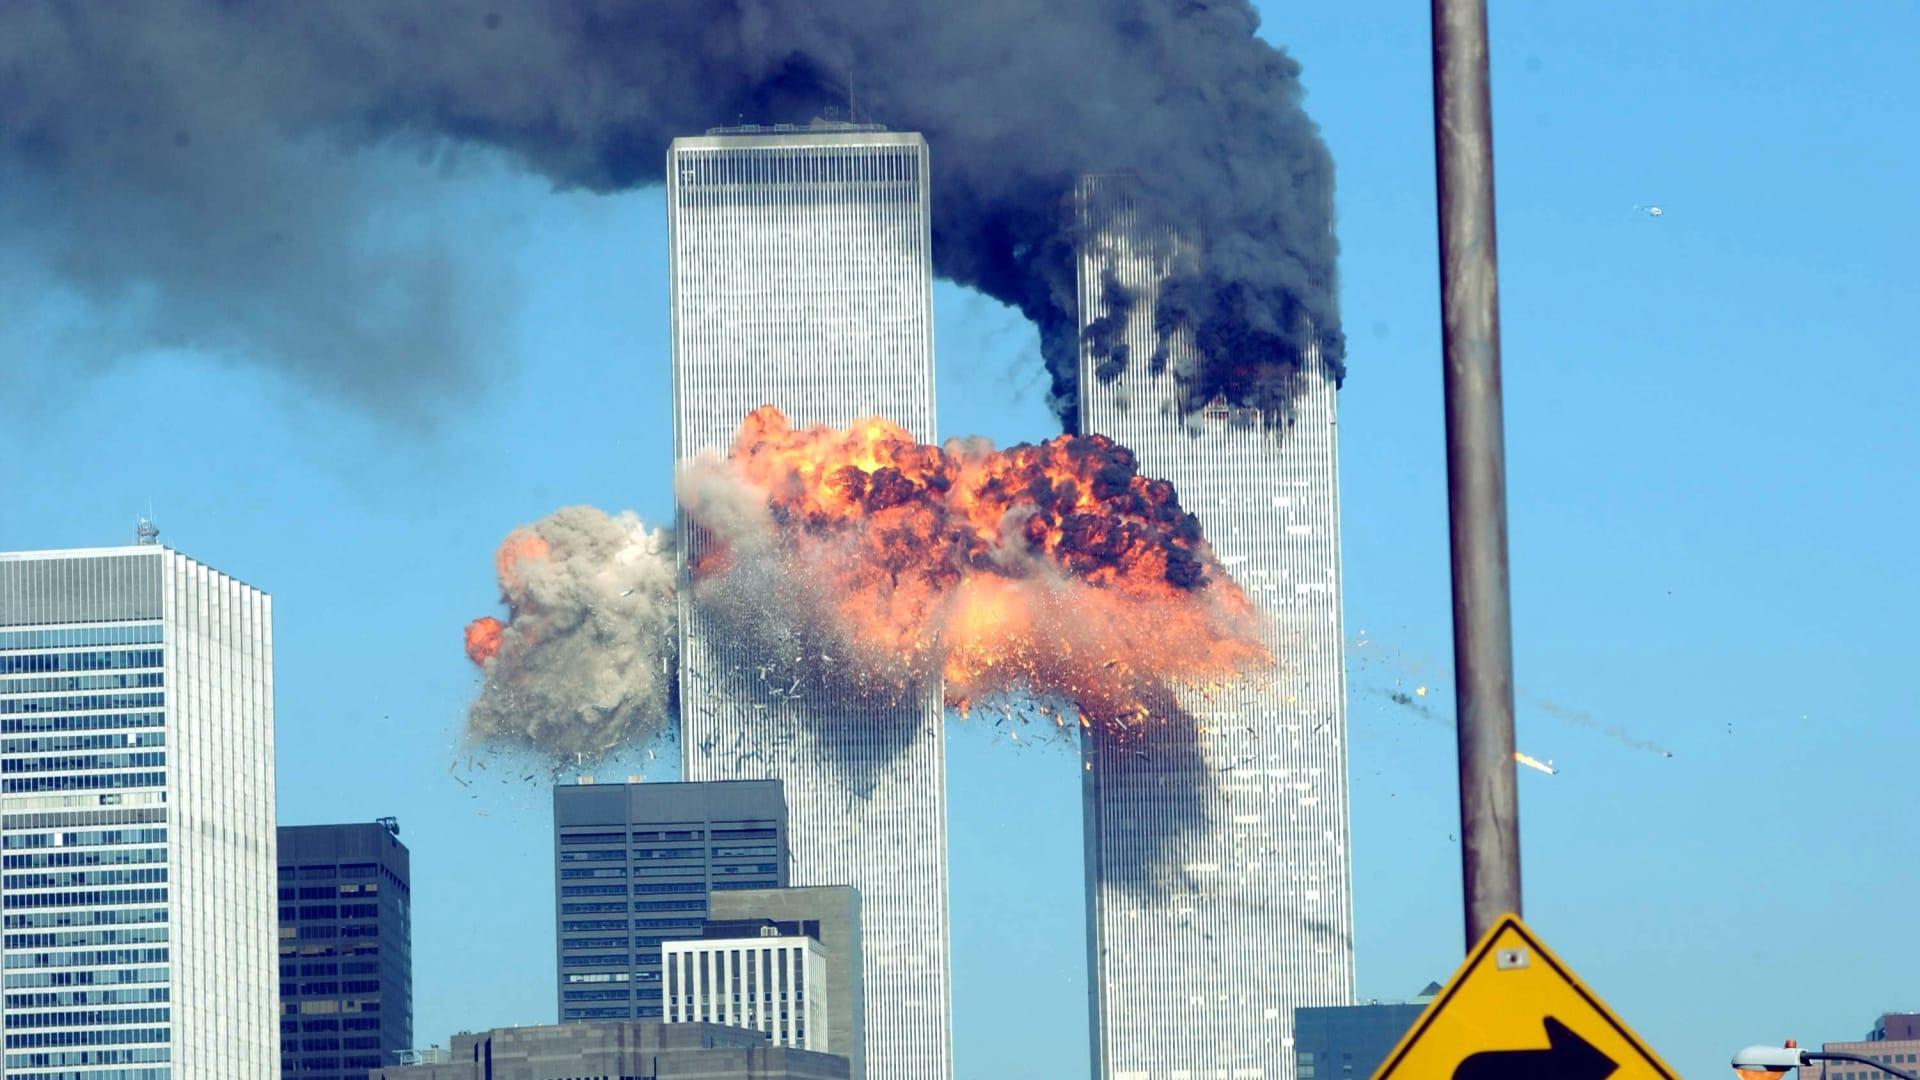 أسر ضحايا 11 سبتمبر: وثيقة FBI تضم مفاجآت صاعقة عن تورط مسؤولين سعوديين